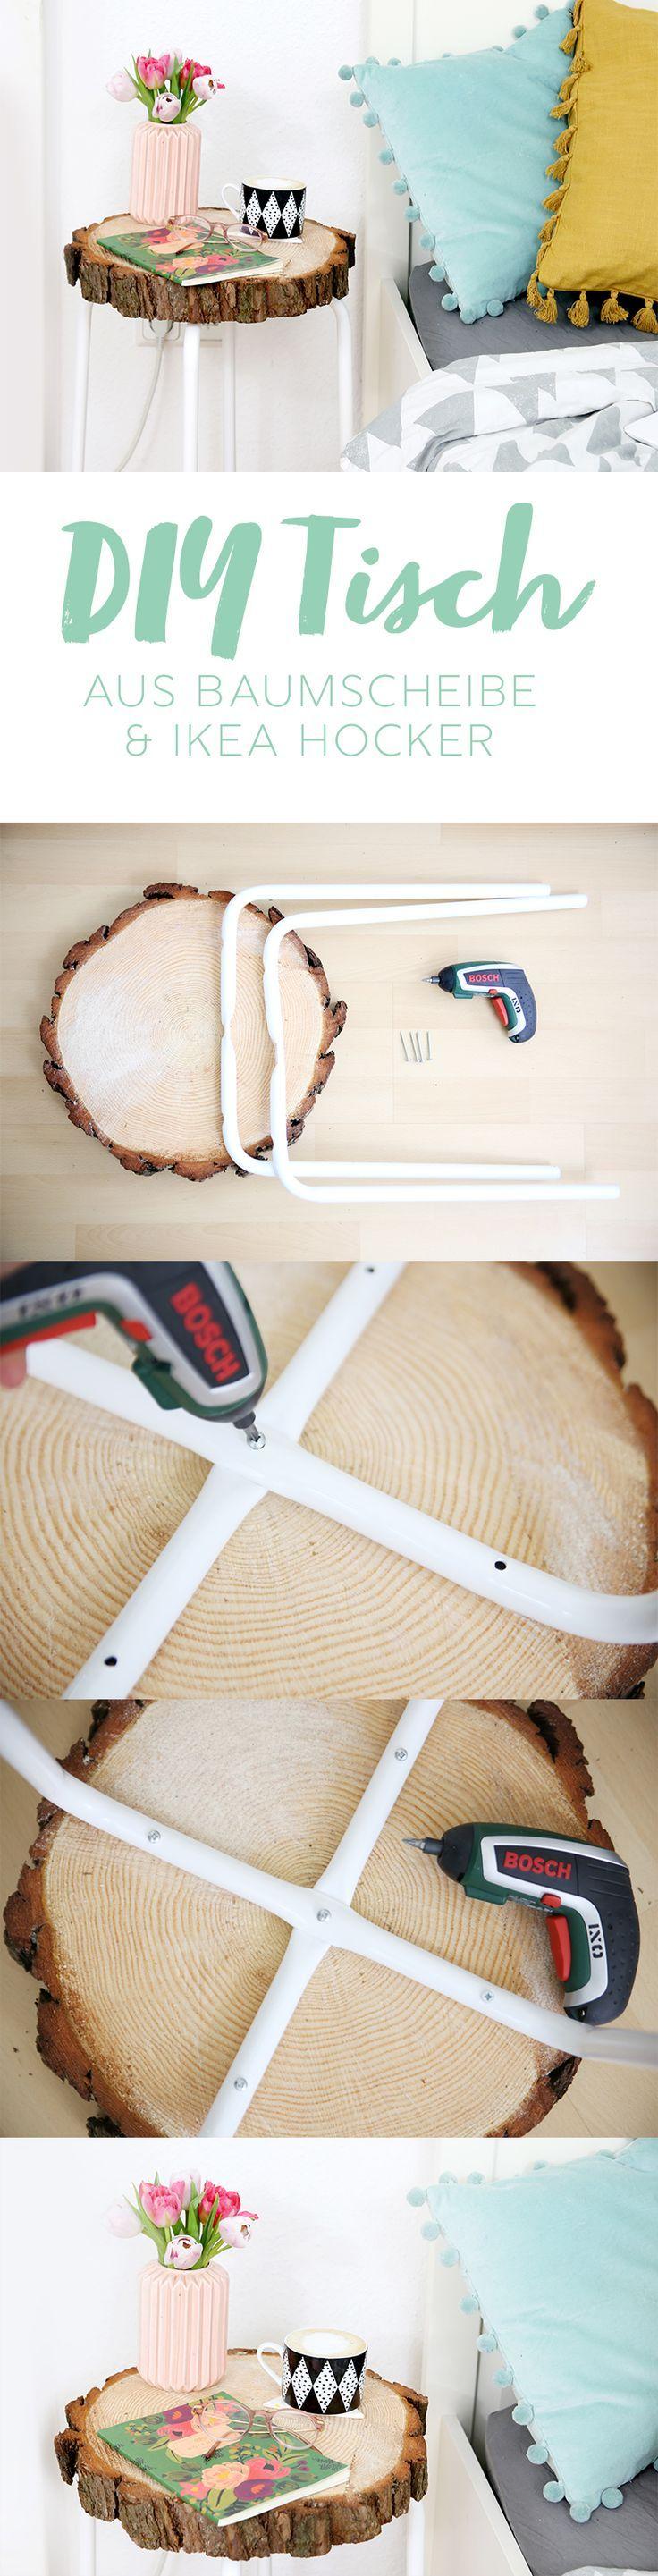 kreative diy idee mit ikea hack tisch aus holzscheibe selber machen mit ikea hocker marius - Schlafzimmerideen Des Mannes Ikea